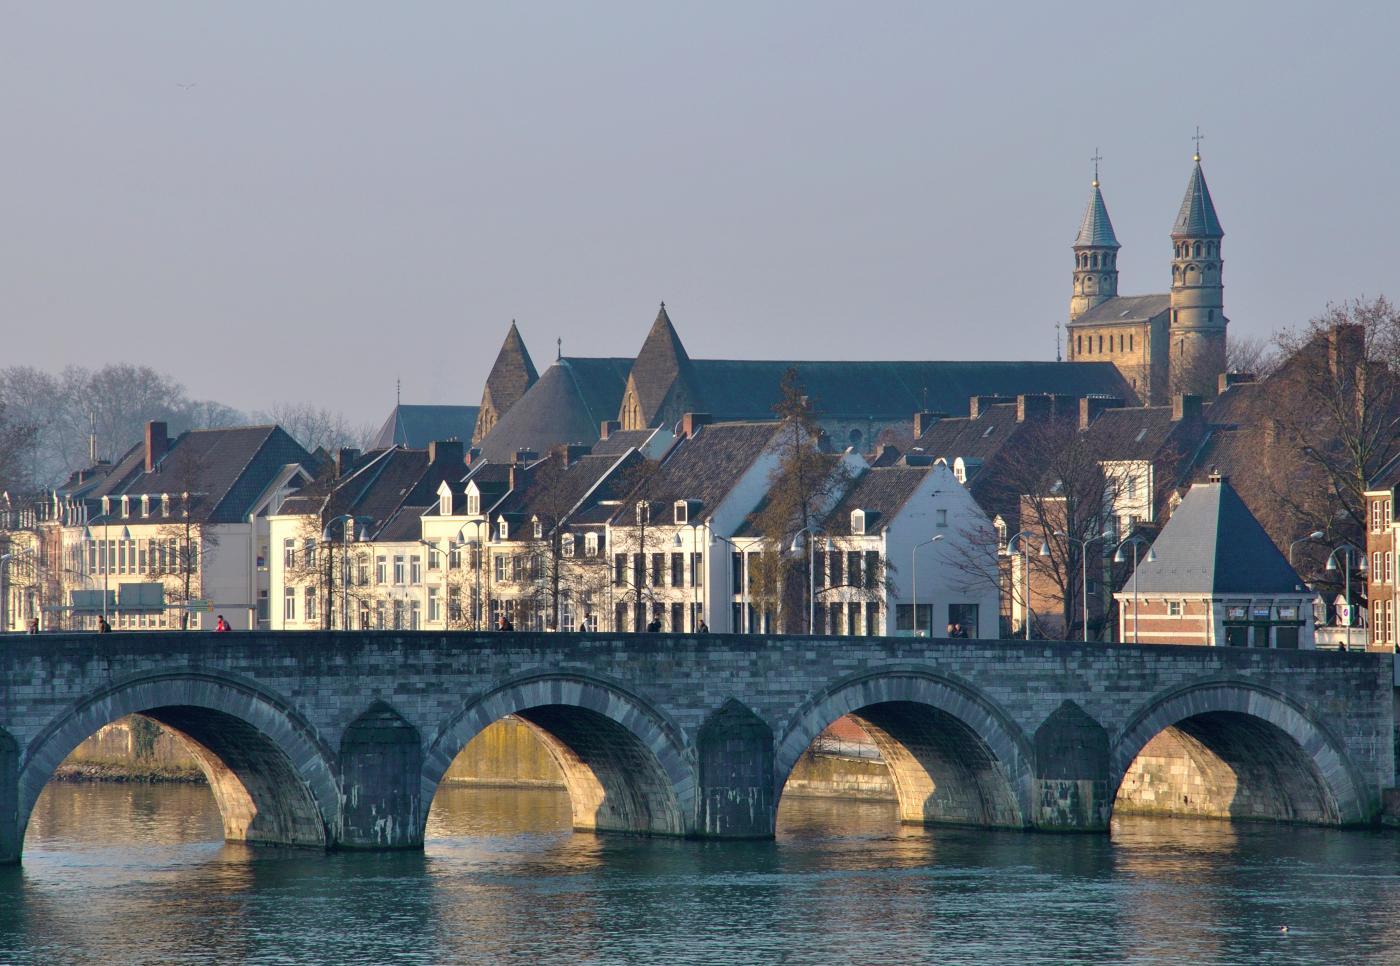 Blauwe Zorg in de Wijk slaat aan in Maastricht